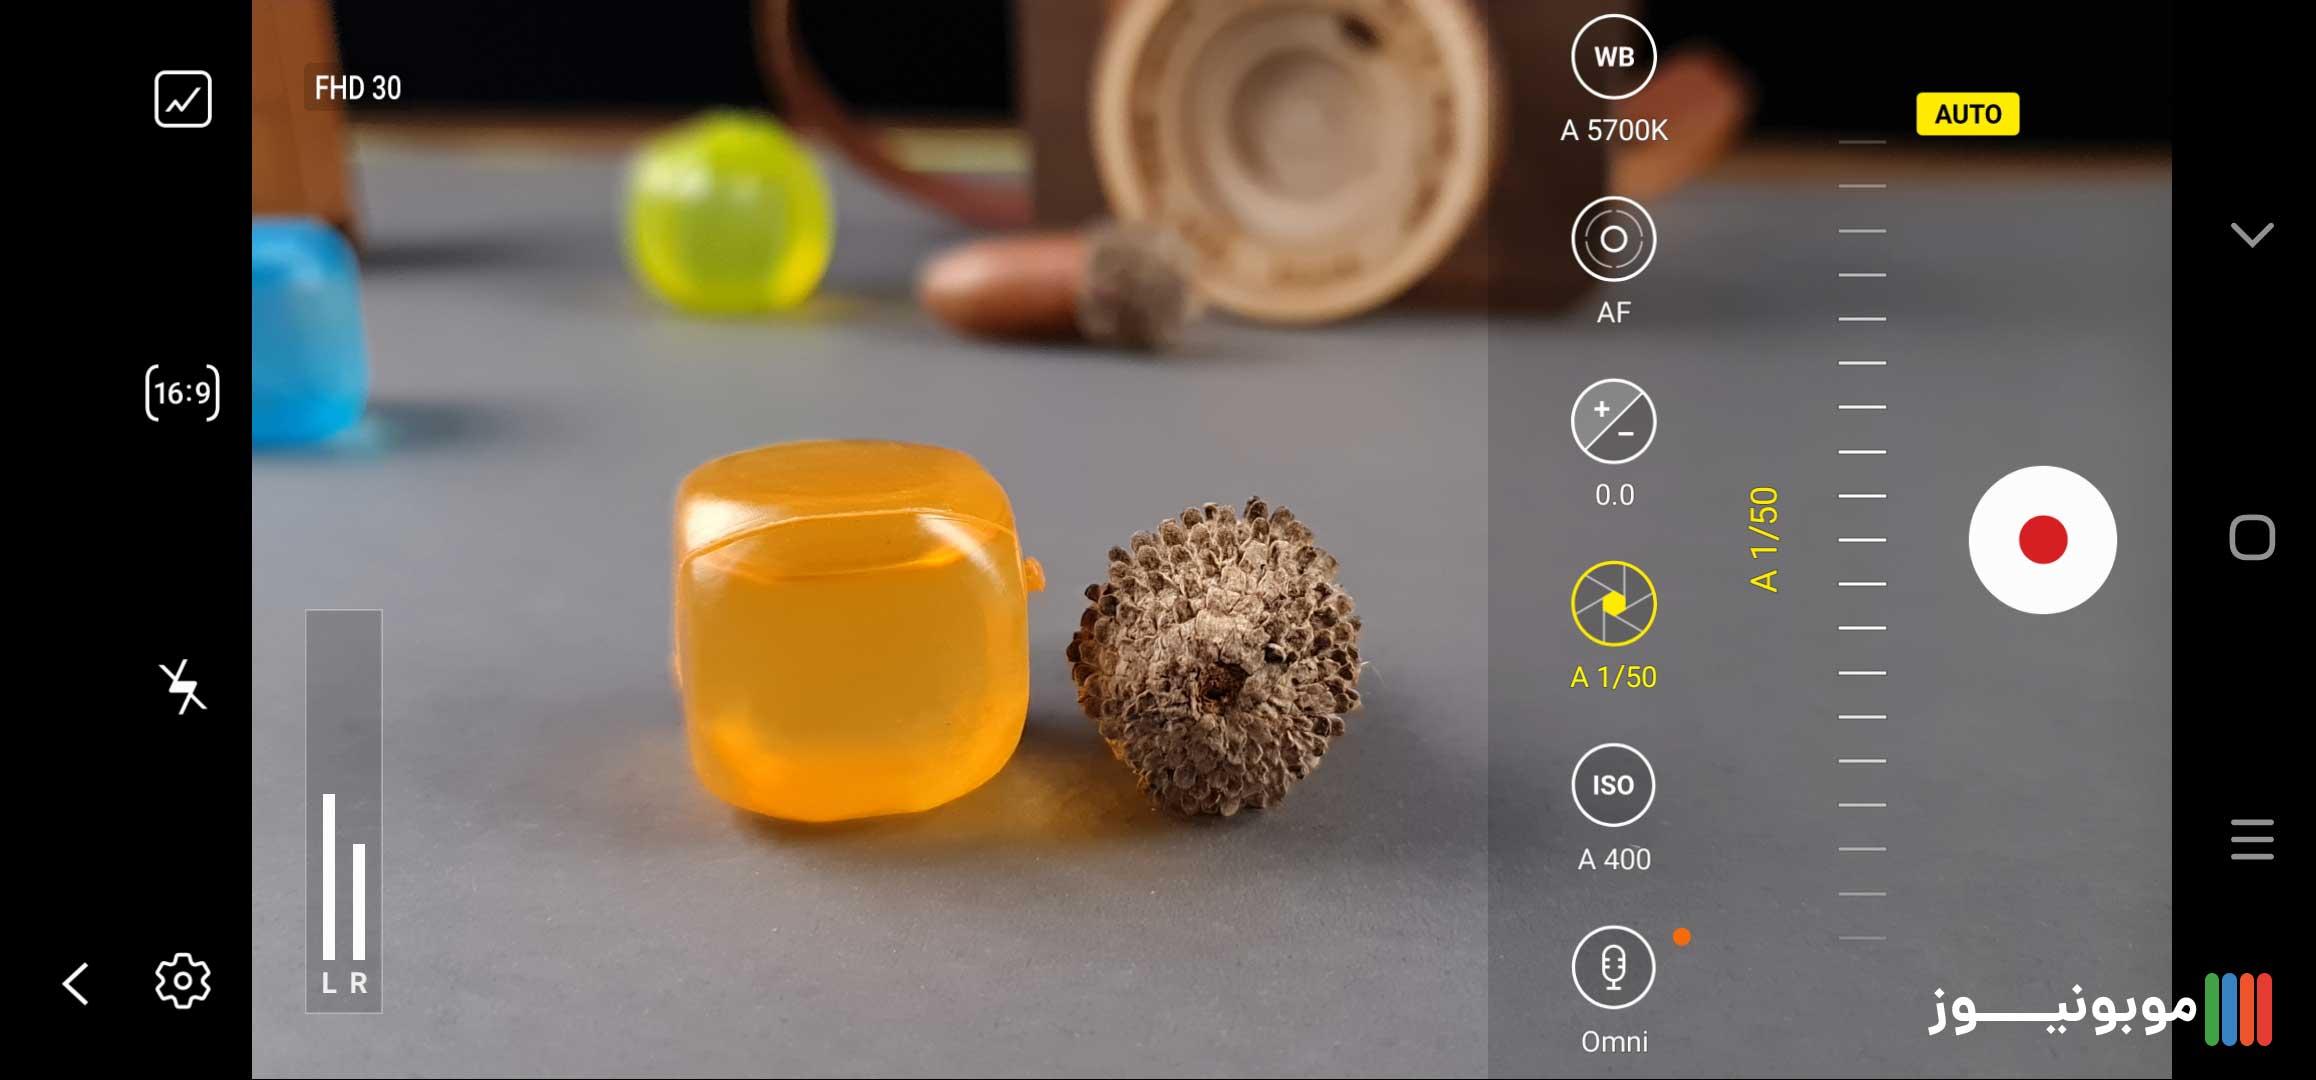 قابلیت Pro video Galaxy Note 20 Ultra